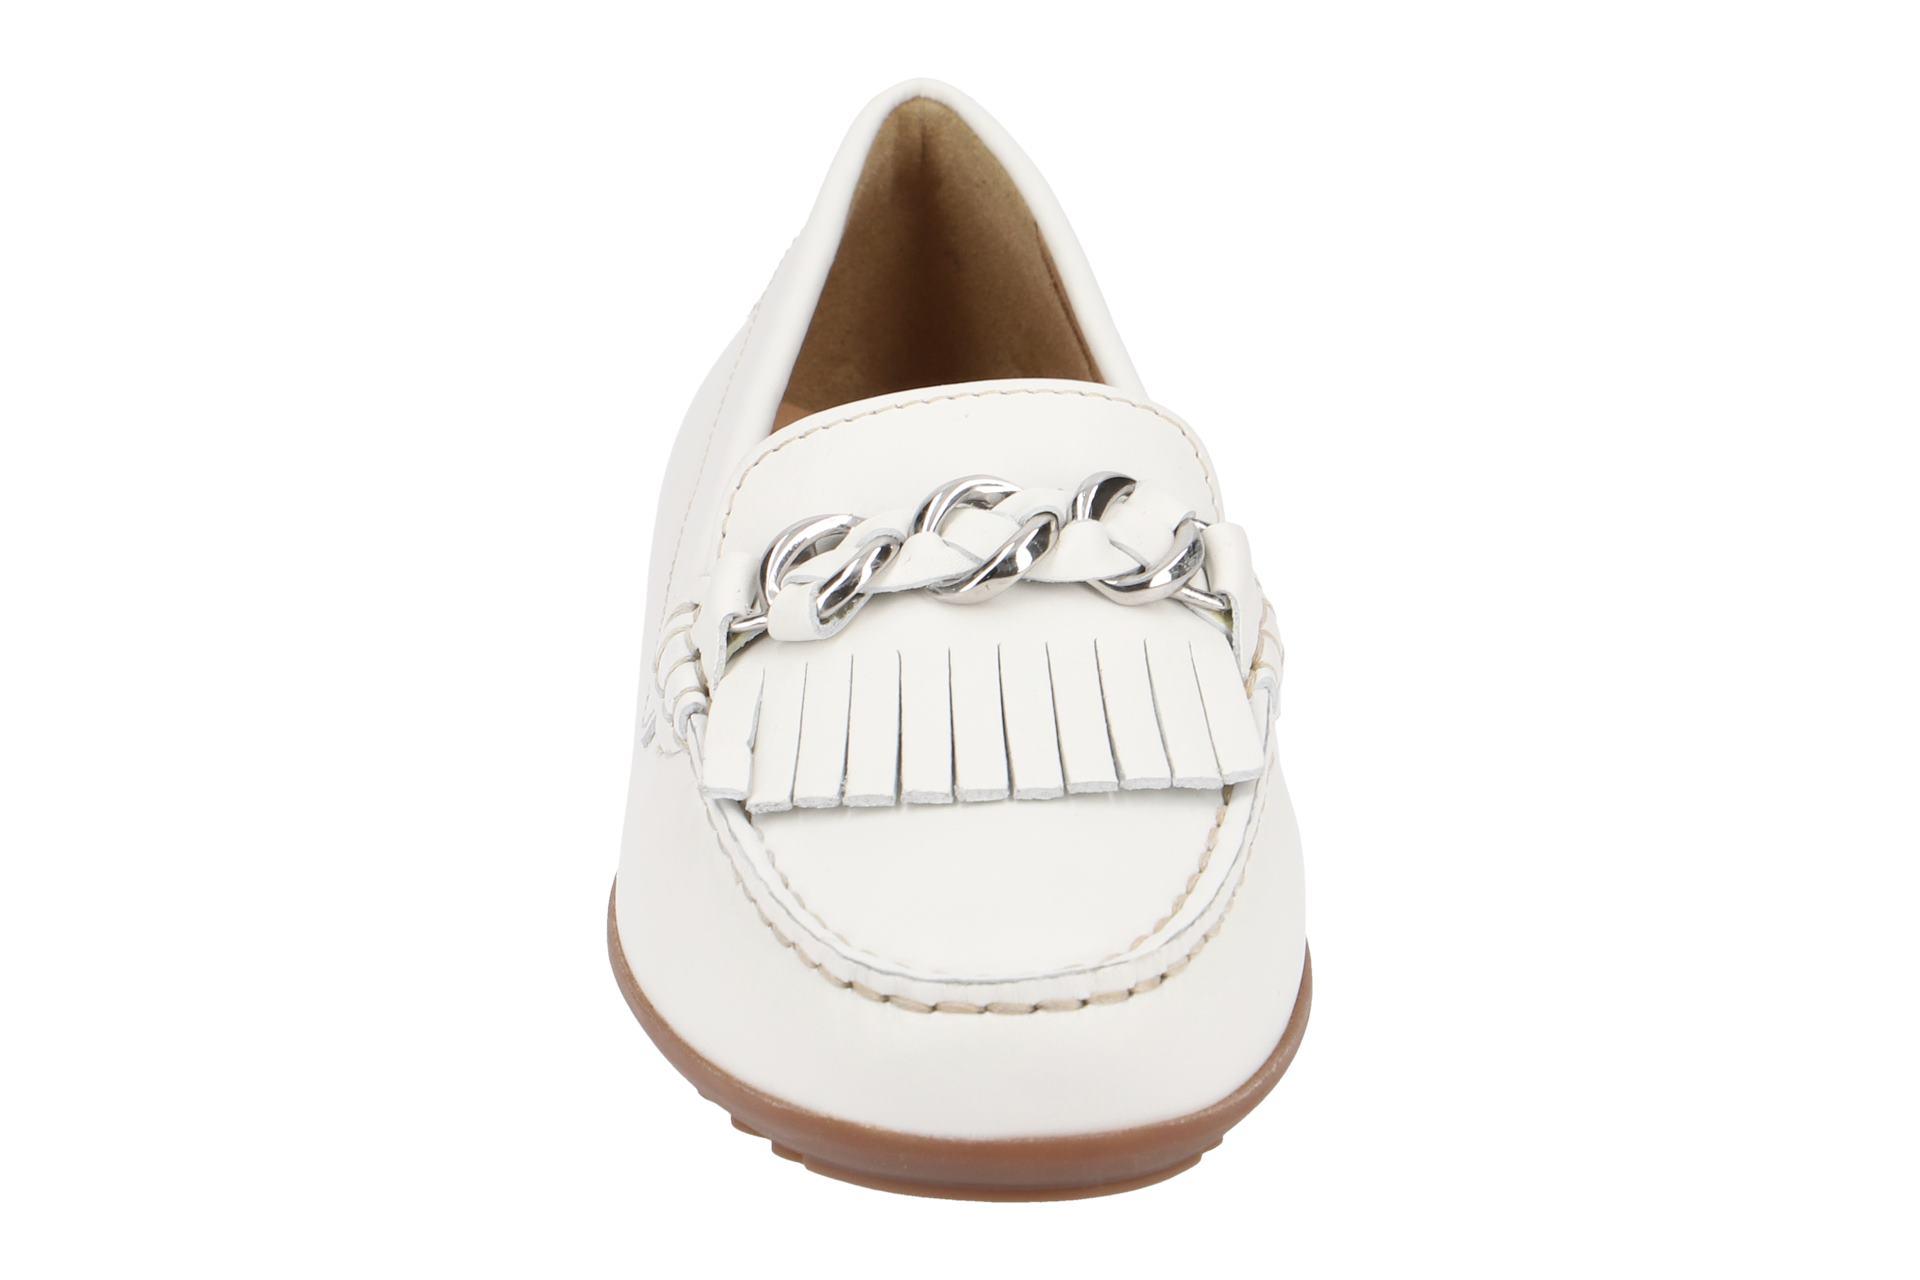 Details zu Geox Schuhe ELIDIA weiß Damenschuhe bequeme Slipper D822TA 00043 C1000 NEU